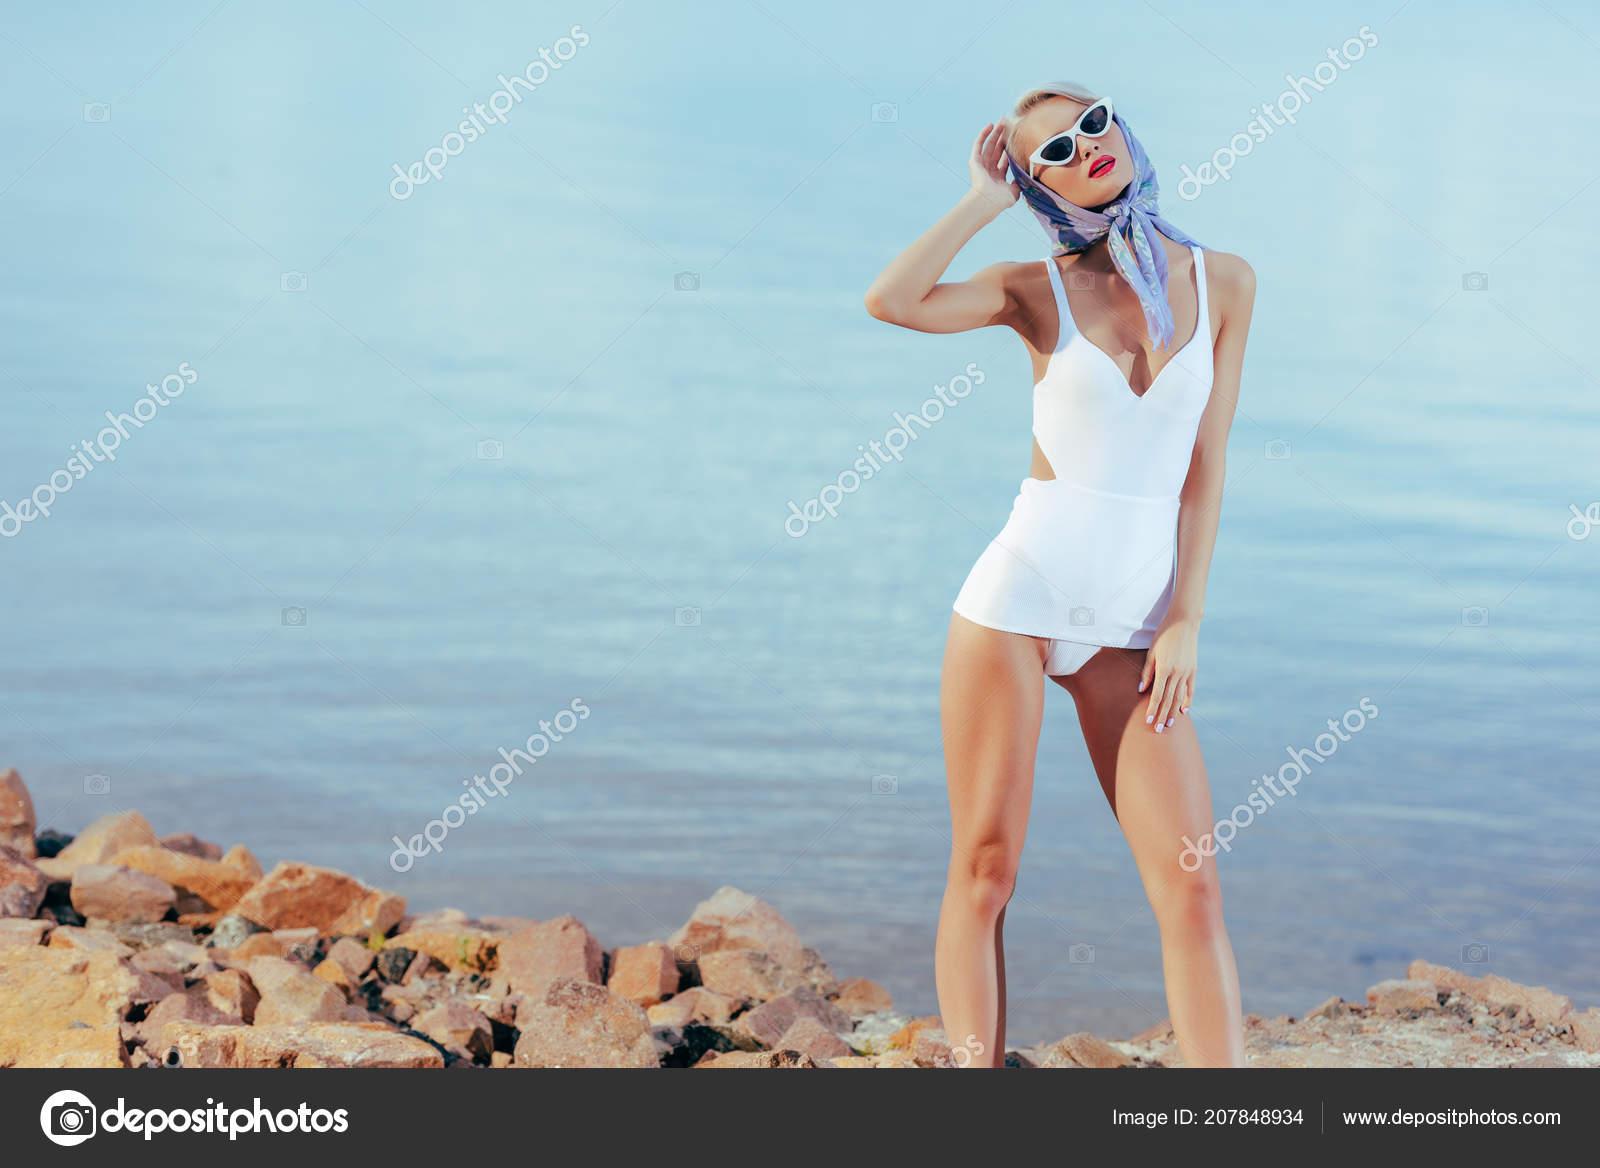 162dbba46c Ελκυστική Κομψό Κορίτσι Που Θέτουν Λευκό Vintage Μαγιό Γυαλιά Ηλίου– εικόνα  αρχείου